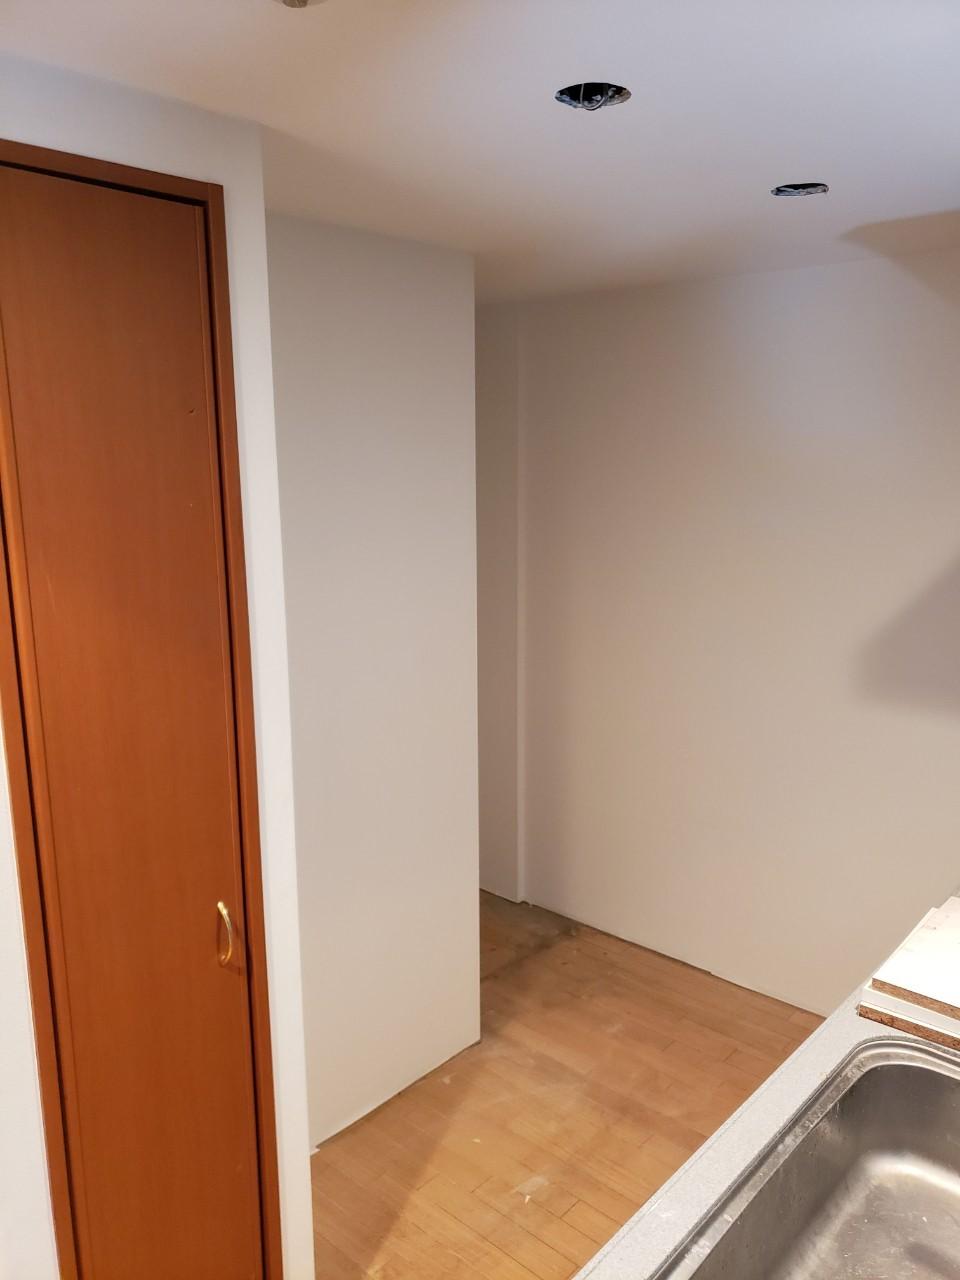 江戸川区のマンションクロス張替え工事